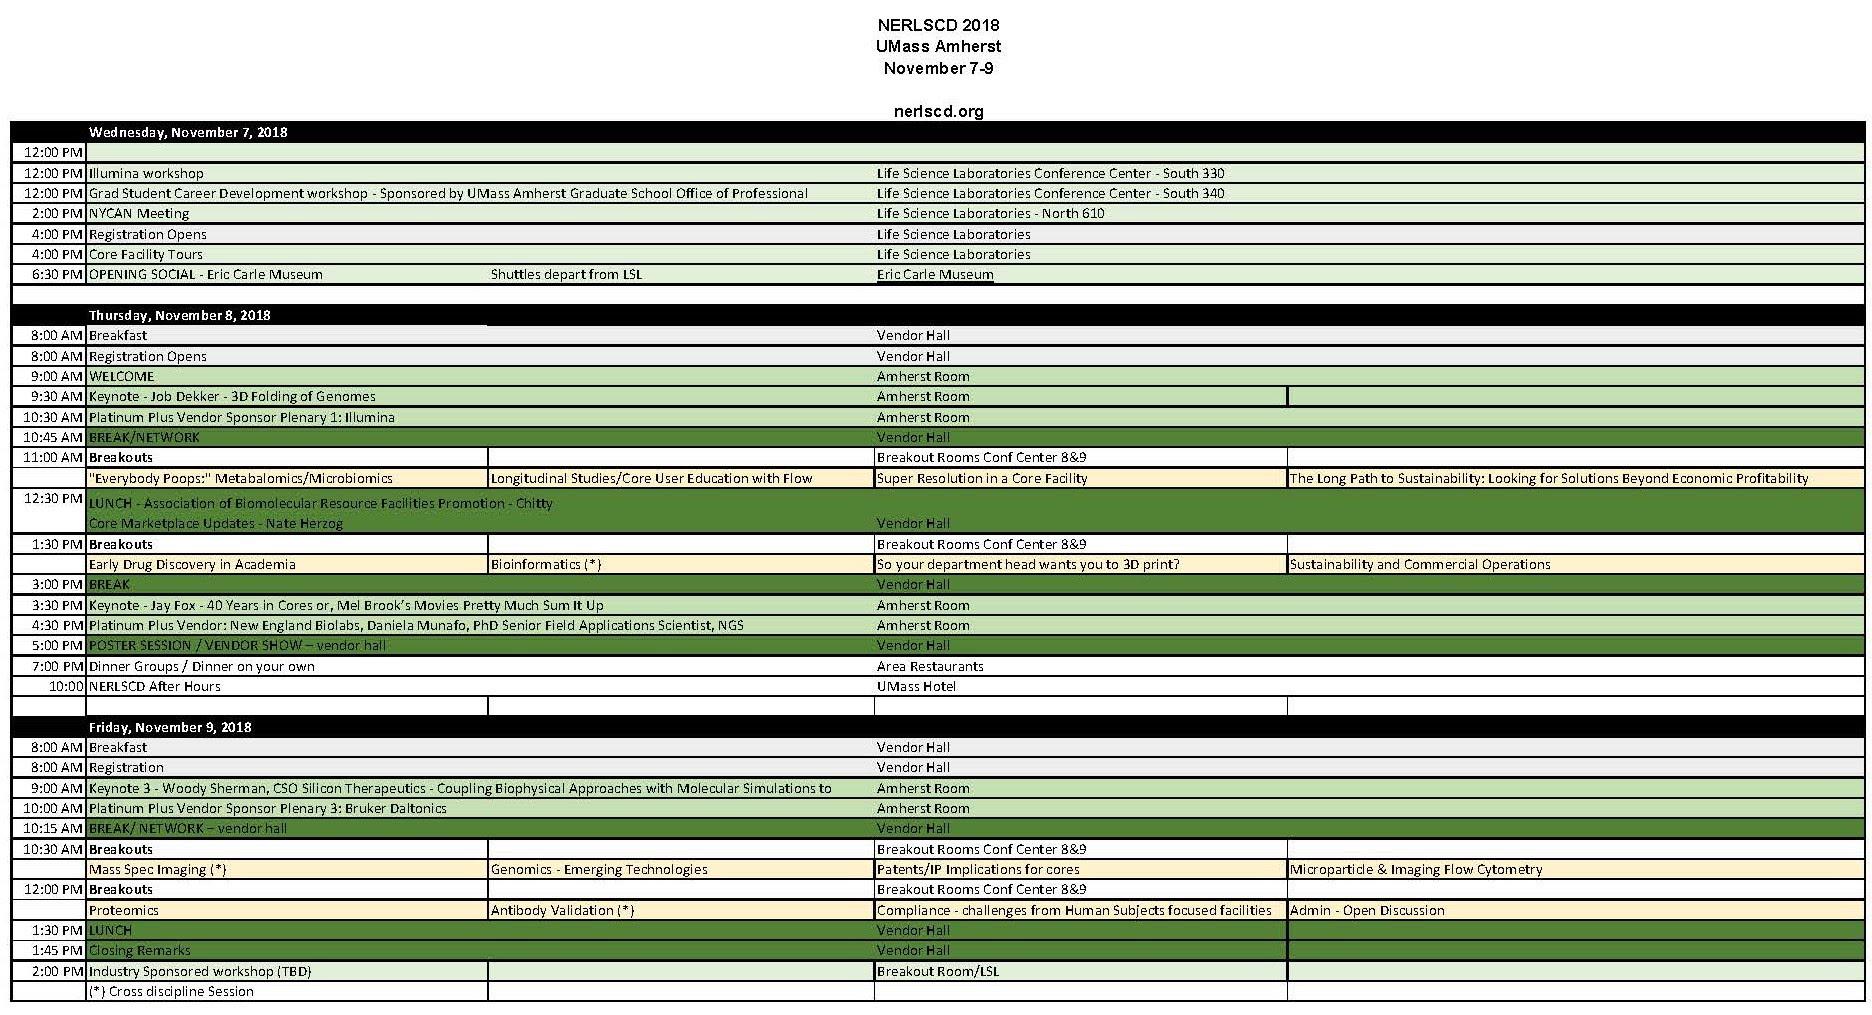 NERLSCD18_Sched(10-16)